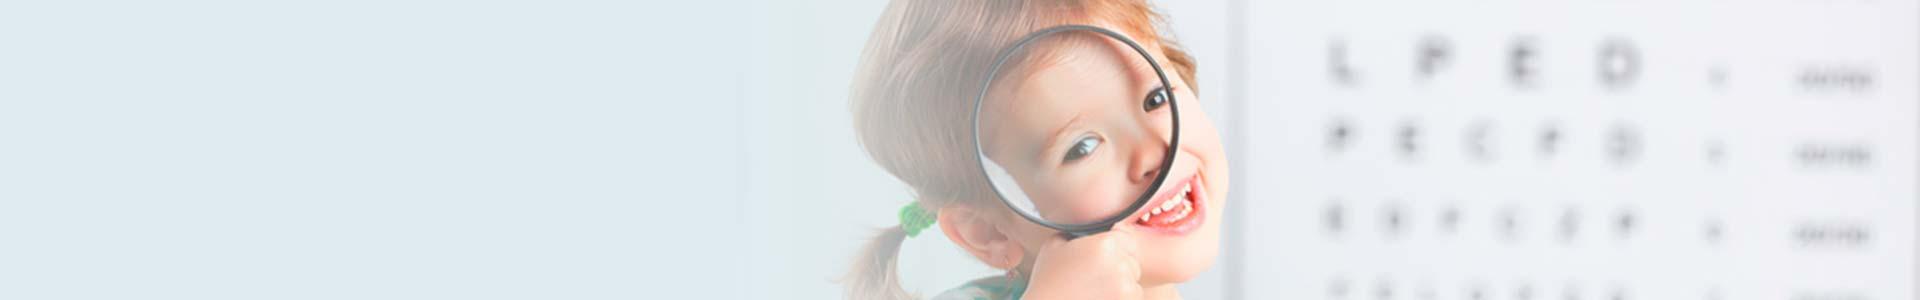 lentes de contacto para niños y niñas